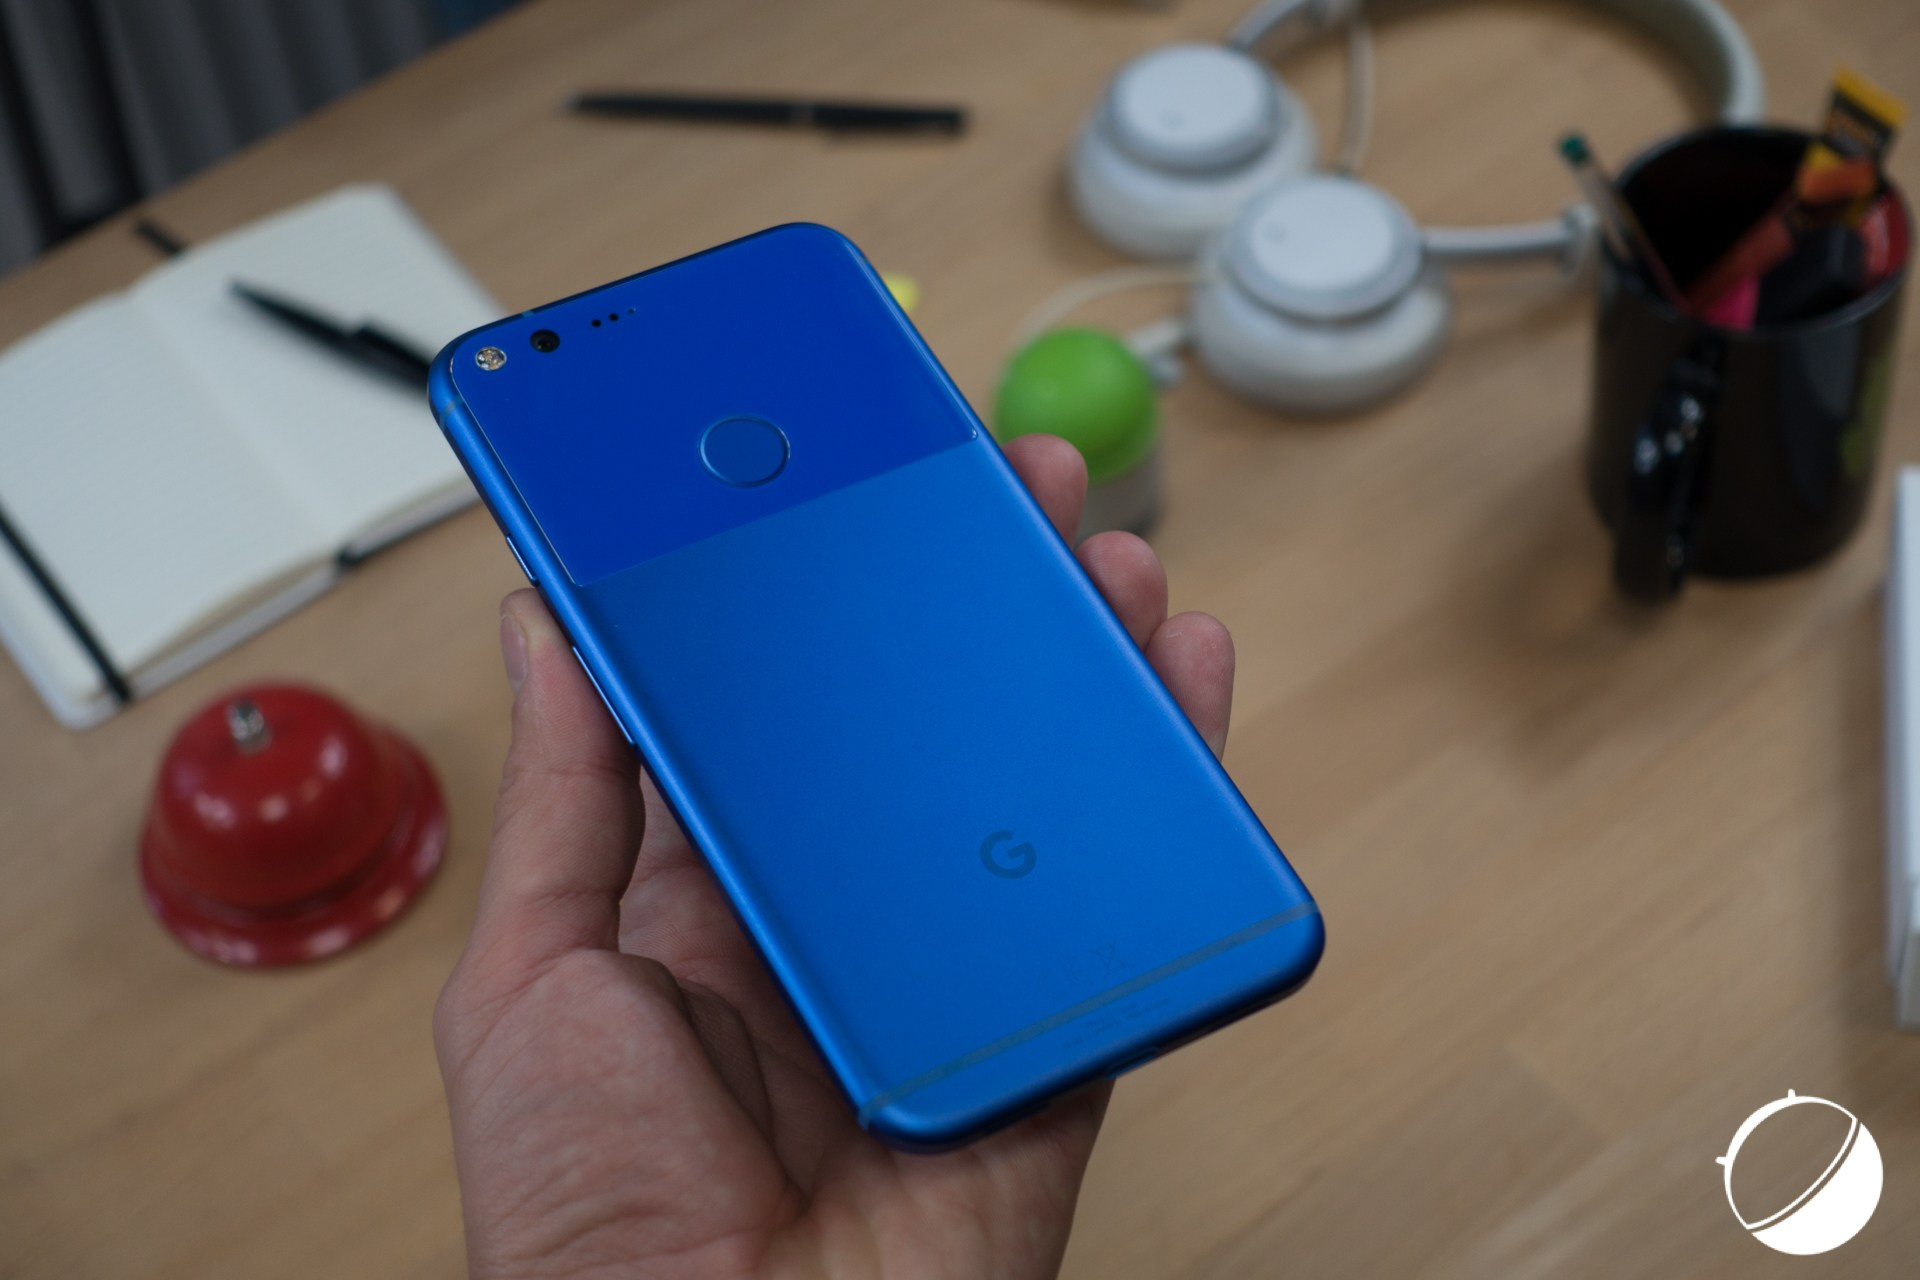 Le Google Pixel a maintenant des problèmes de Bluetooth